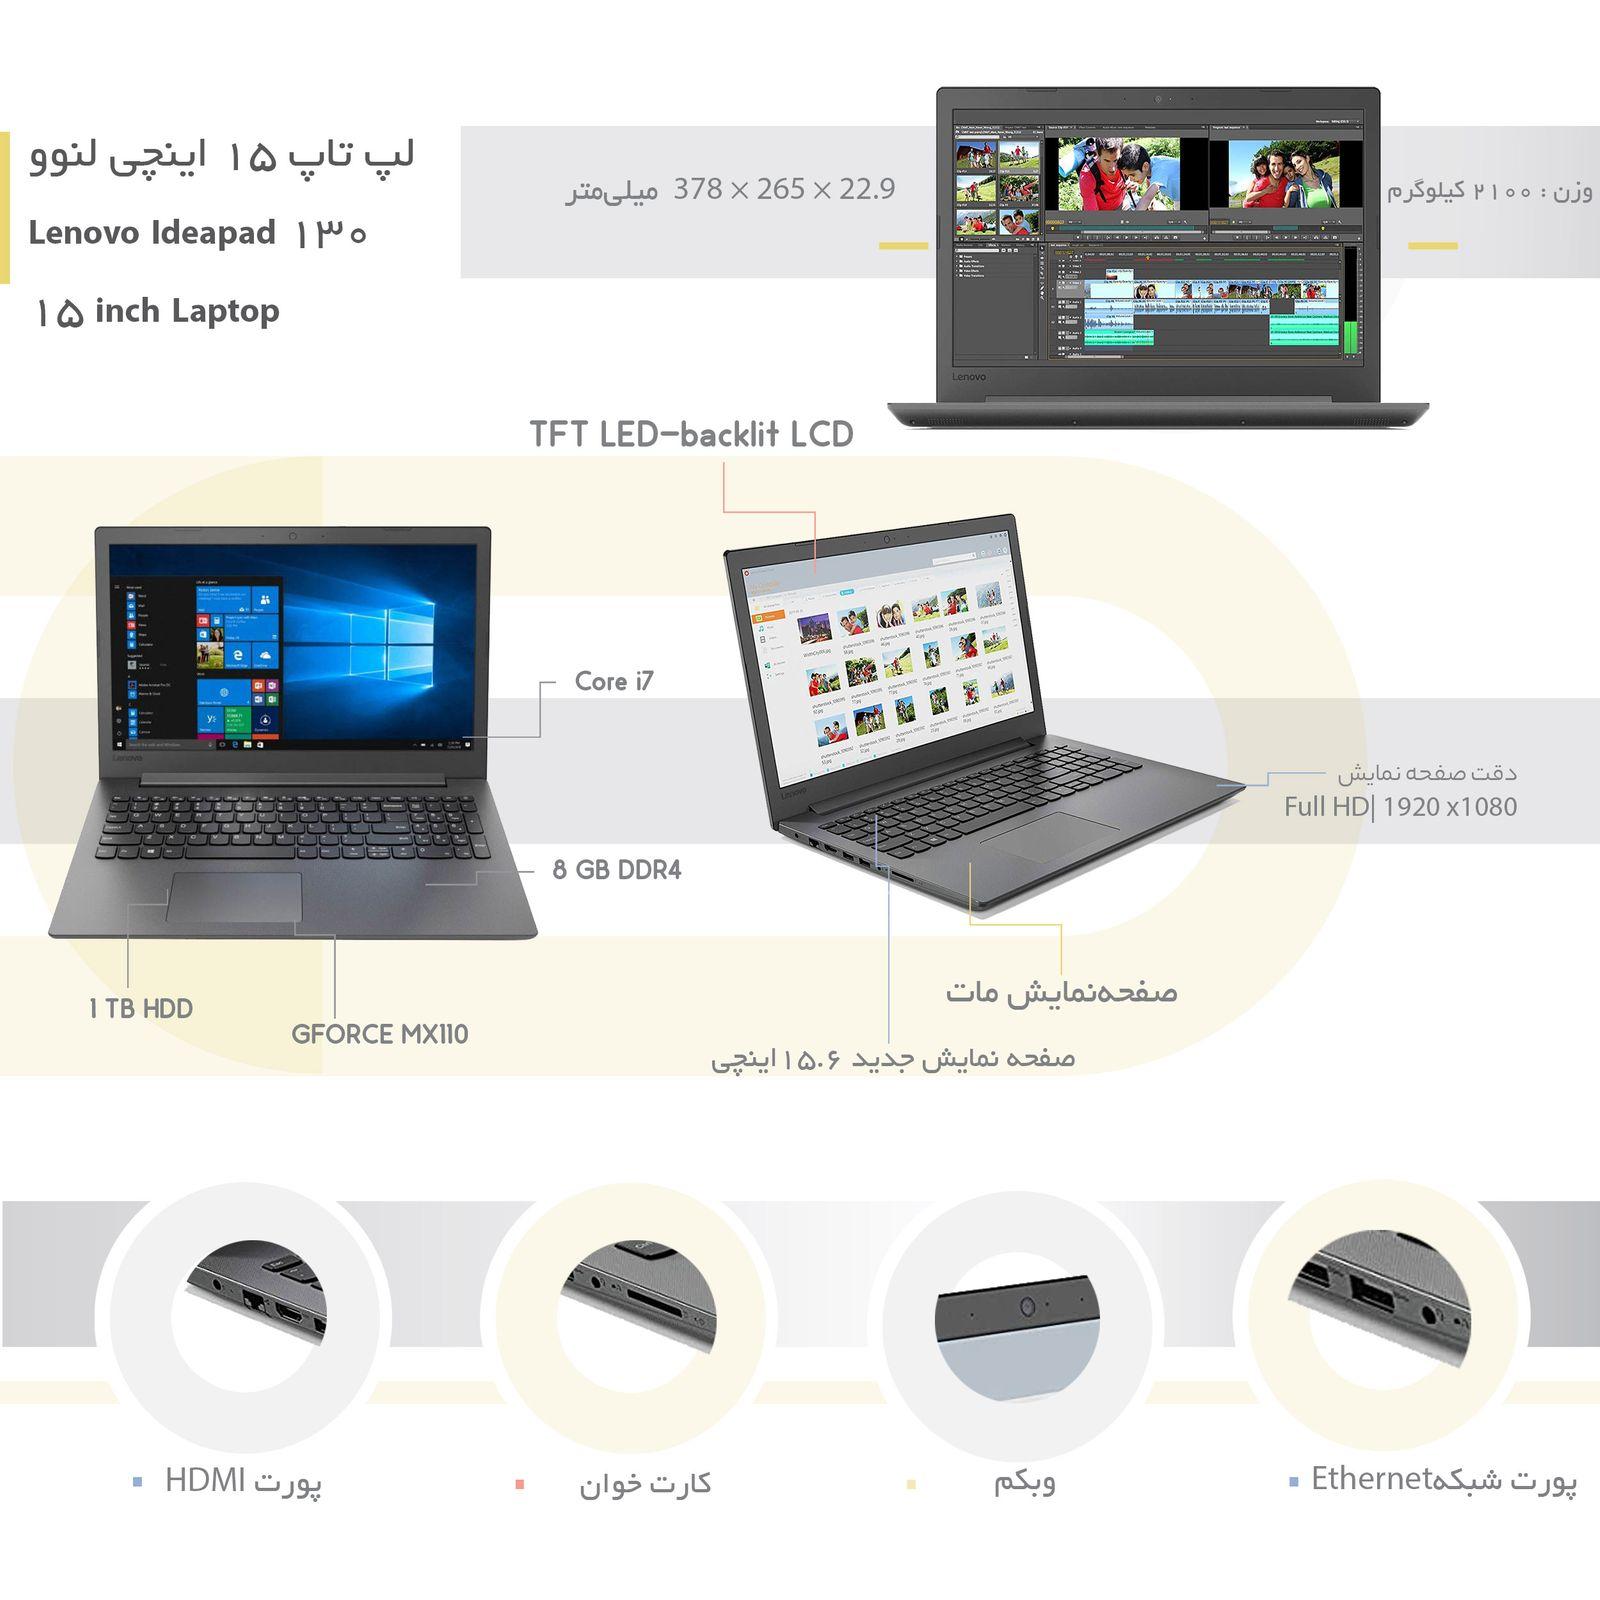 لپ تاپ 15 اینچی لنوو مدل Ideapad 130 - N main 1 4